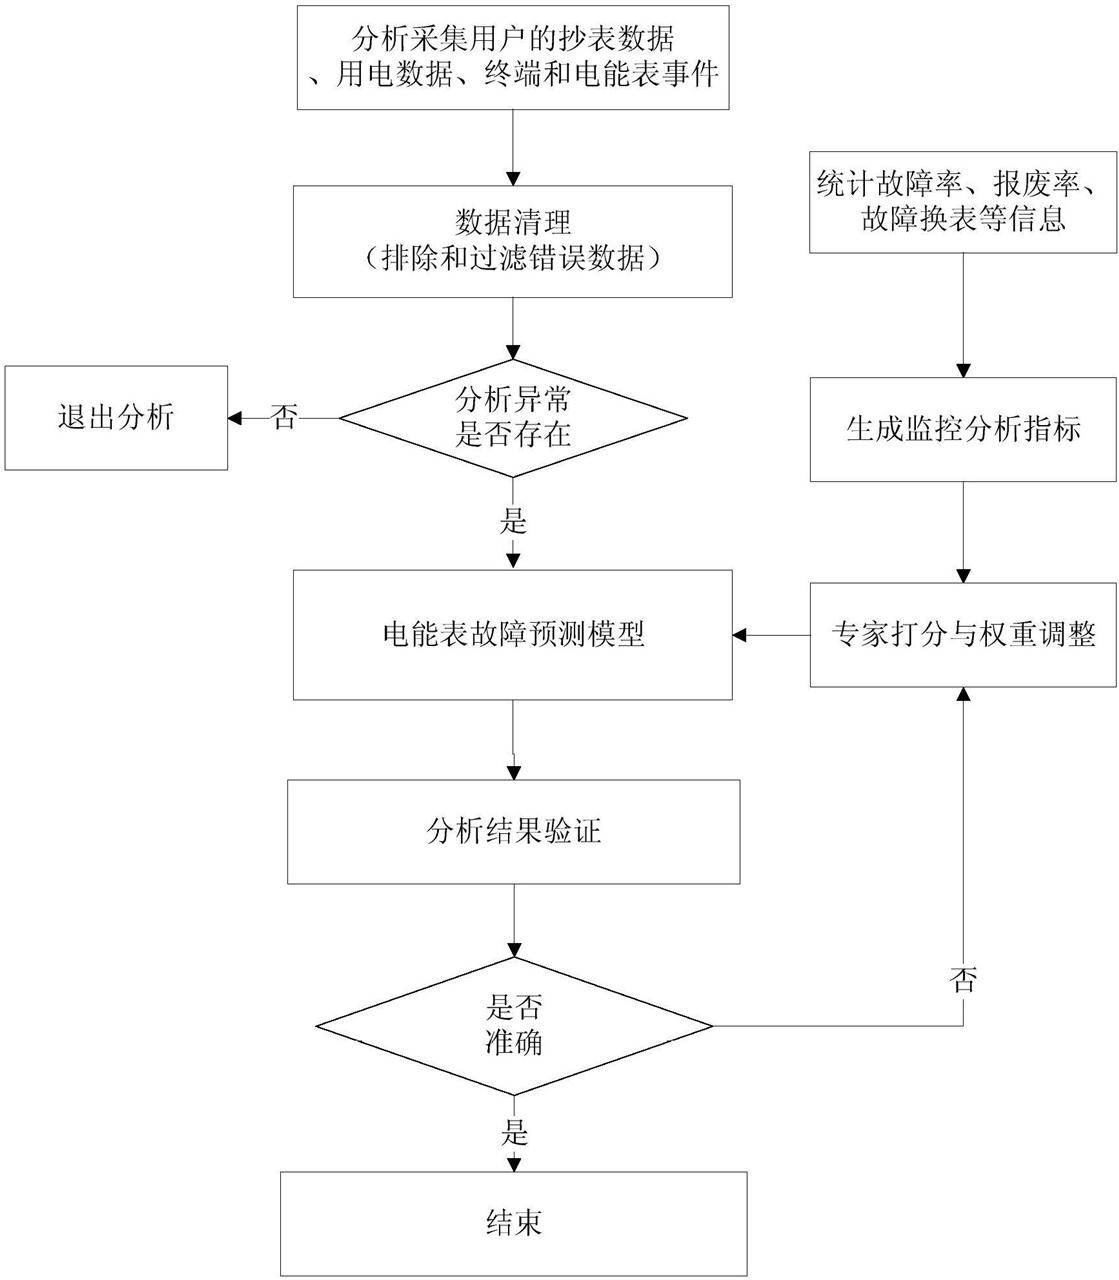 【仪表最新专利】基于决策树算法的电能表故障预测方法